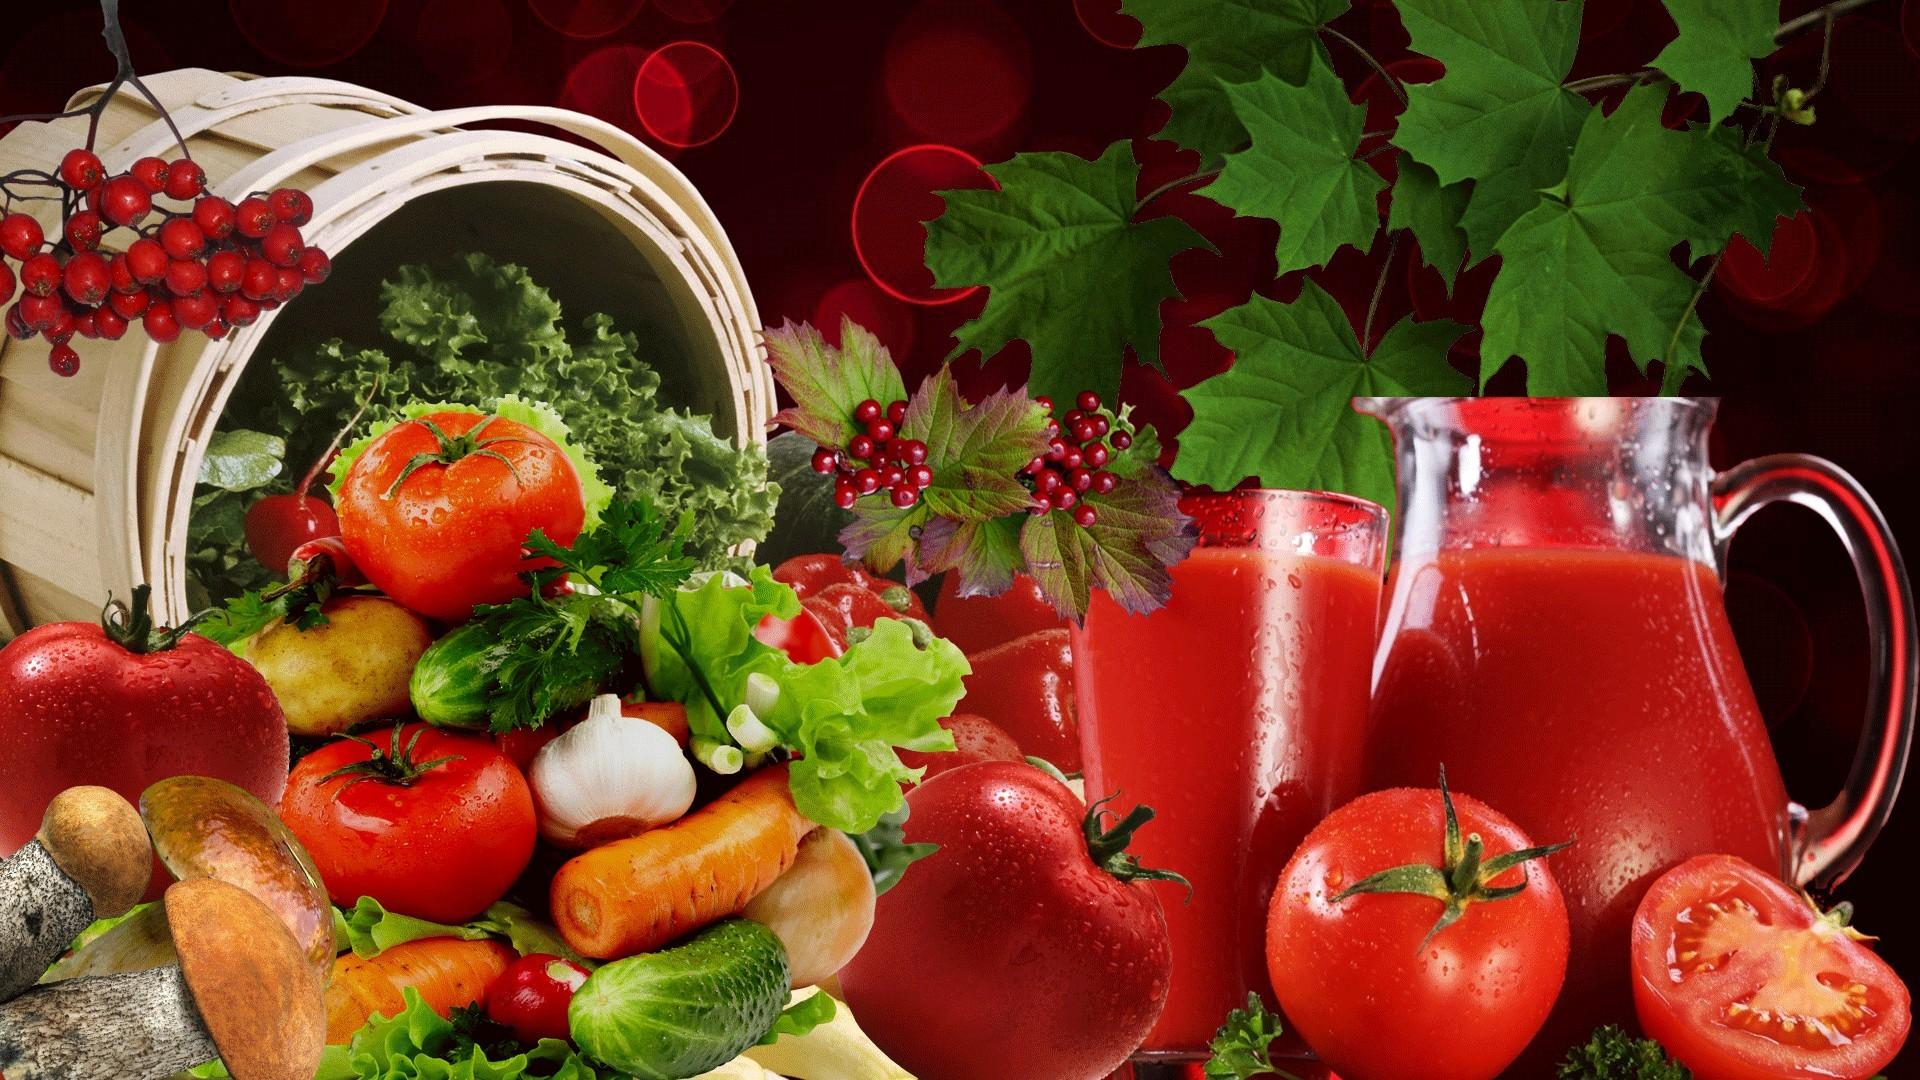 еда помидоры сок томатный ложка  № 2891505 без смс